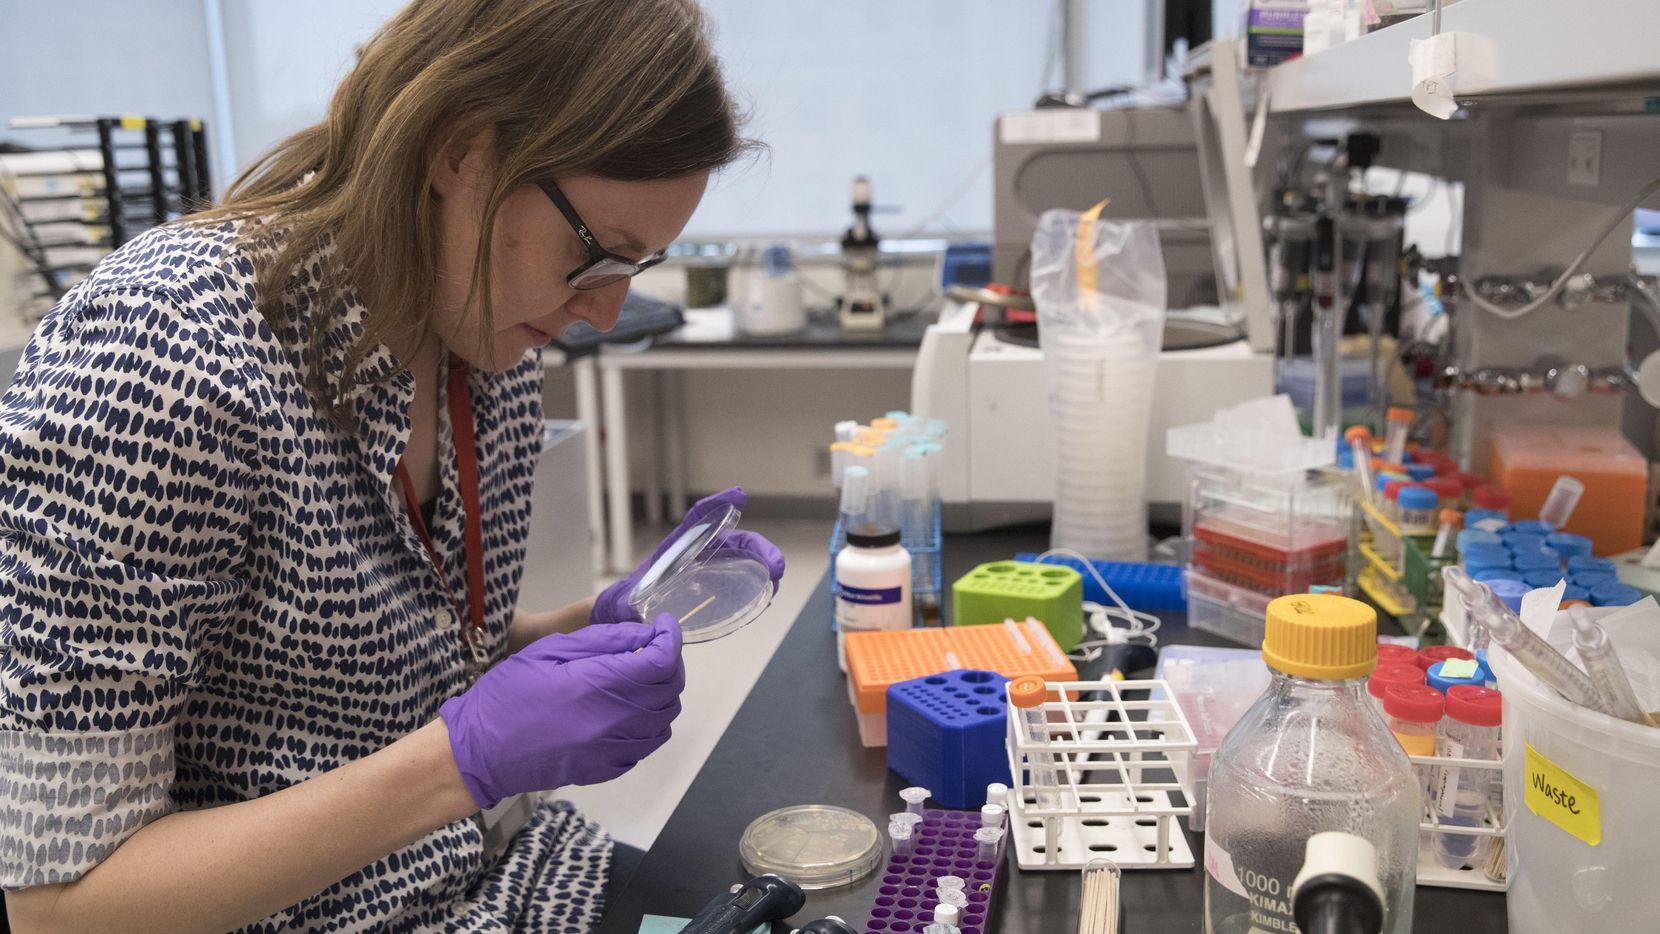 La doctora Leslie Mitchell, trabaja en su banca en el laboratorio de Alexandria Center for Life Sciences en Nueva York. Foto AP